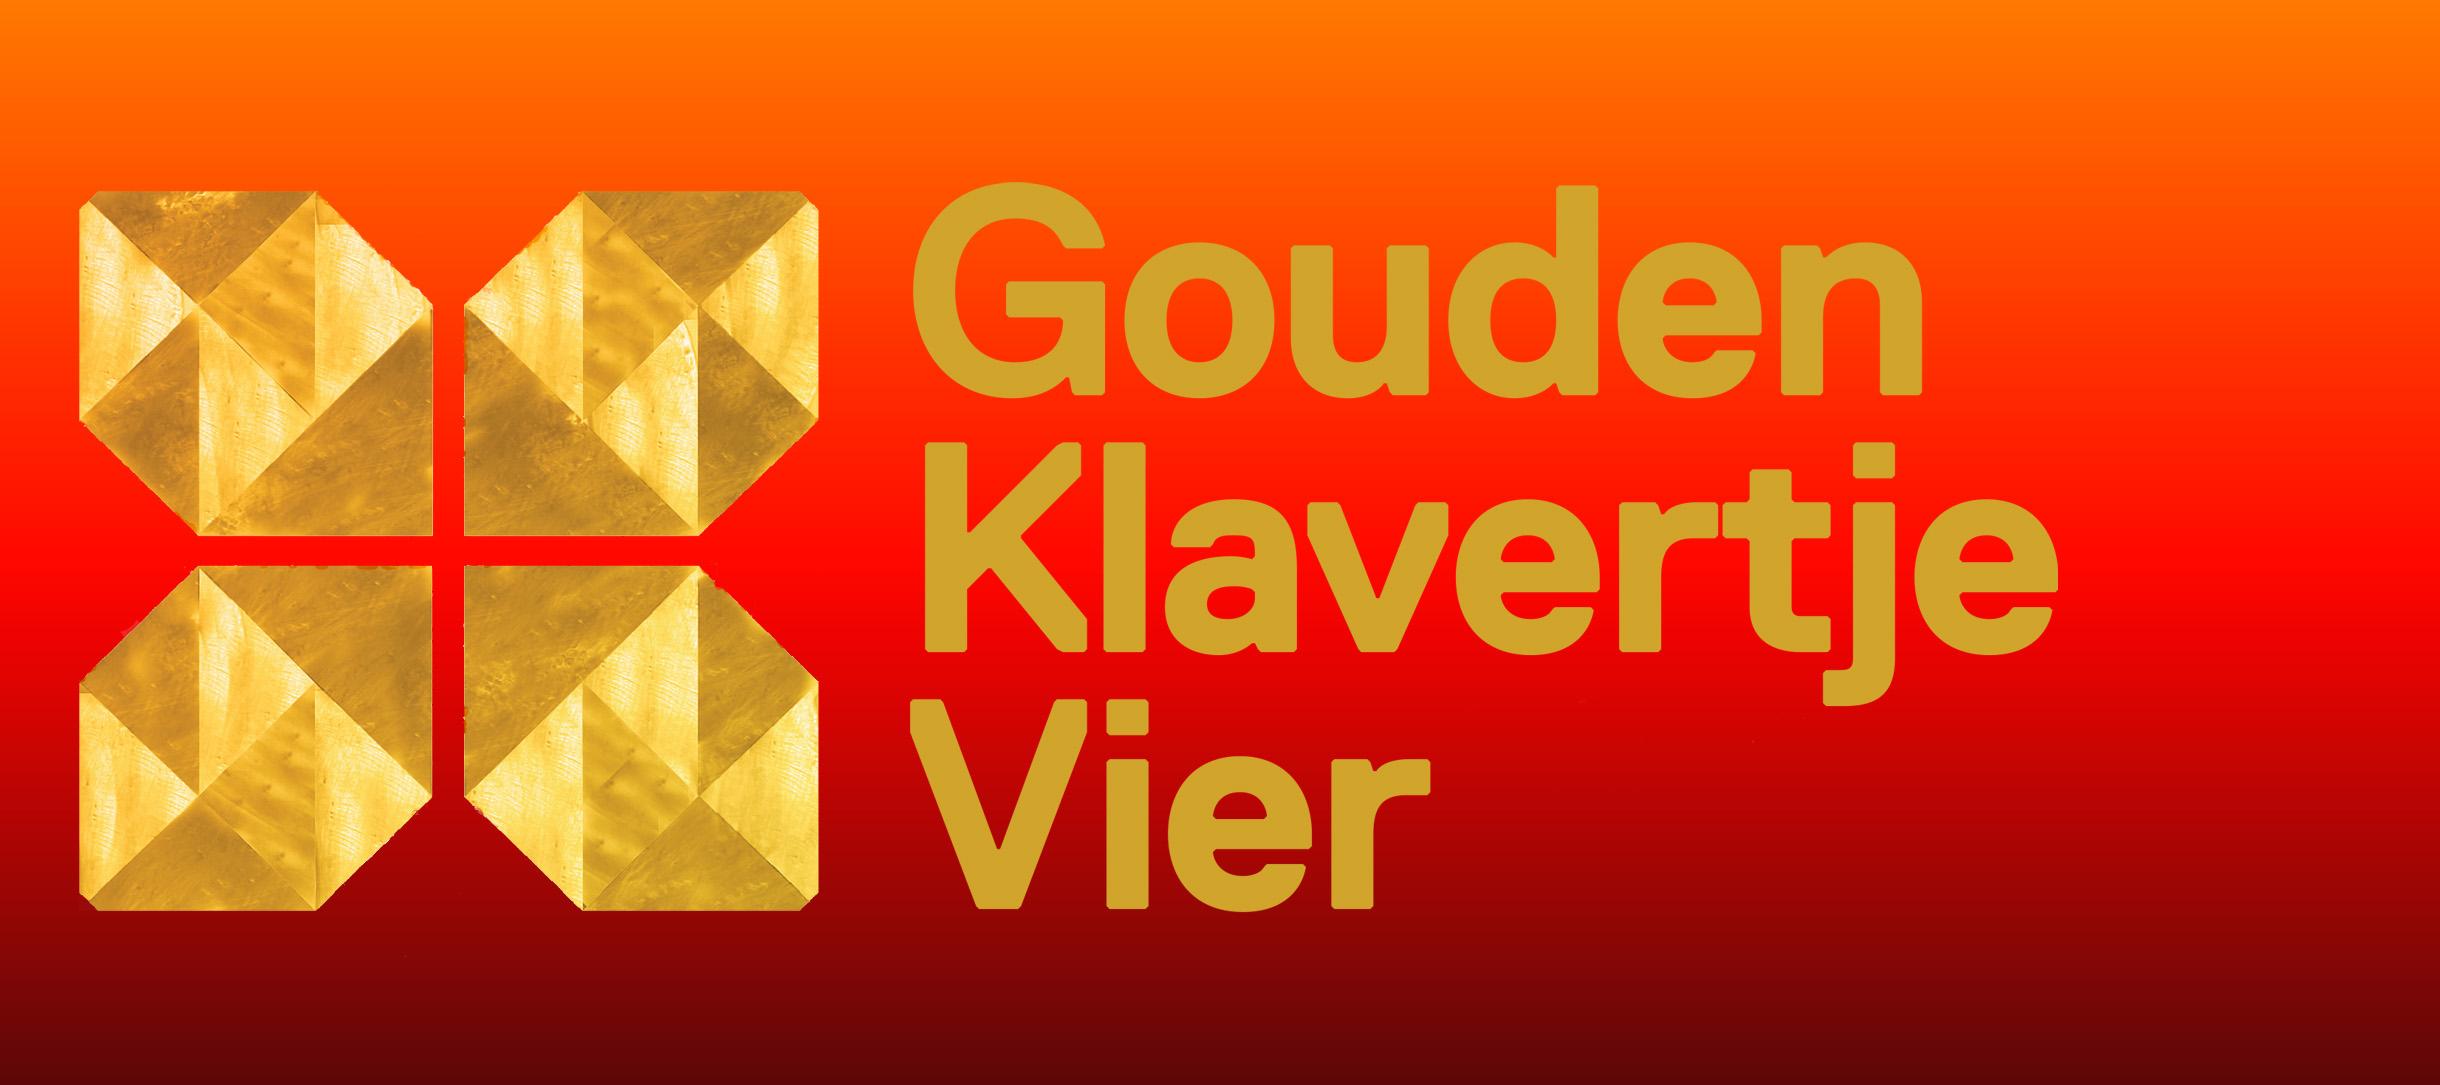 GTH_GoudenKlaver_2015_02.indd